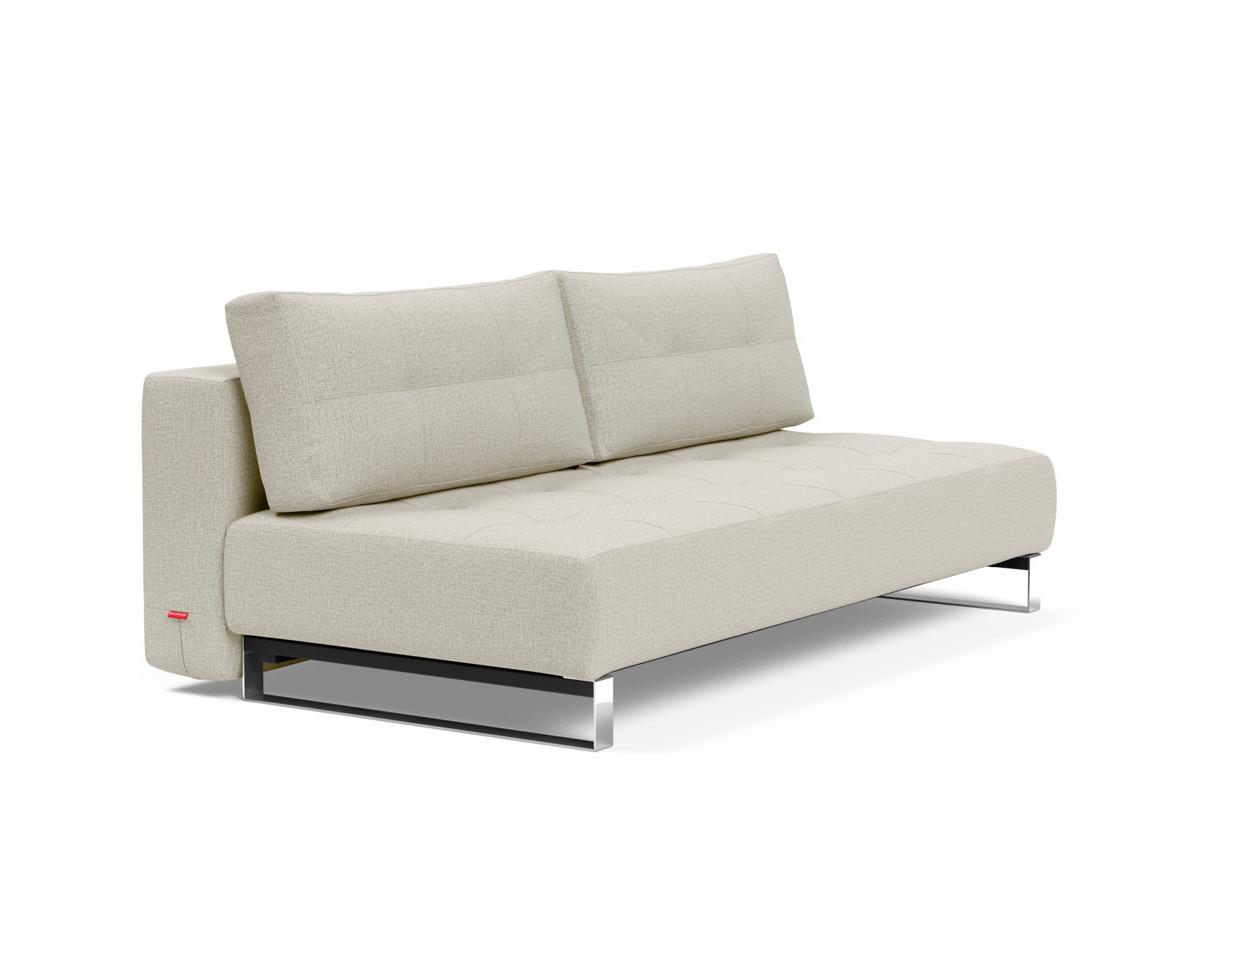 Supremax Deluxe Excess Sofa Bed Queen